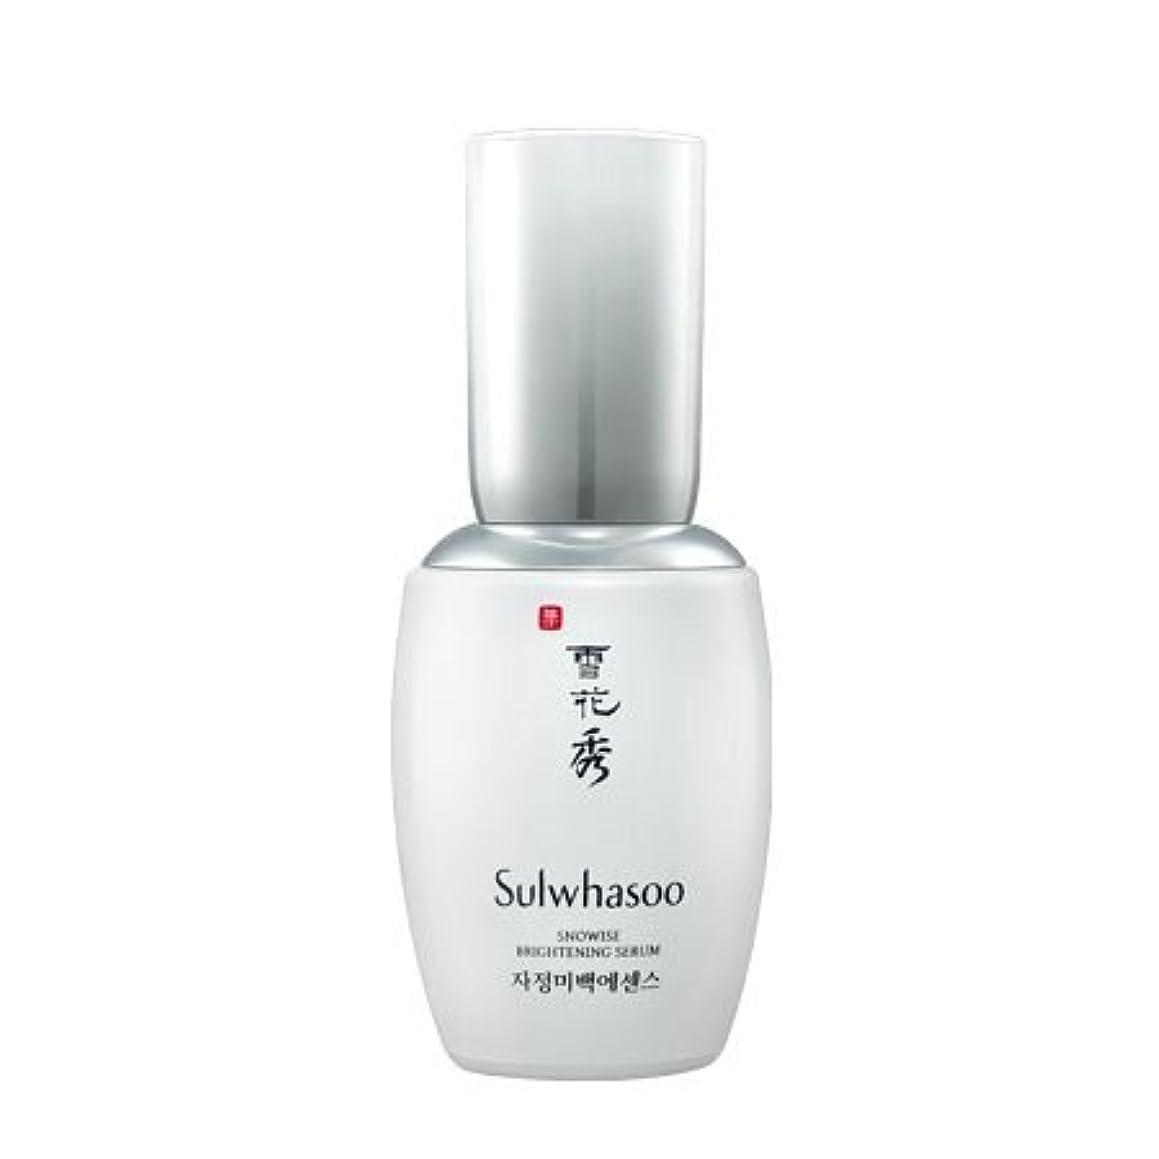 砦甘美な雄弁家【ソルファス】Sulwhasoo Snowise Brightening Serum - 50ml(50ml (韓国直送品) (SHOPPINGINSTAGRAM)